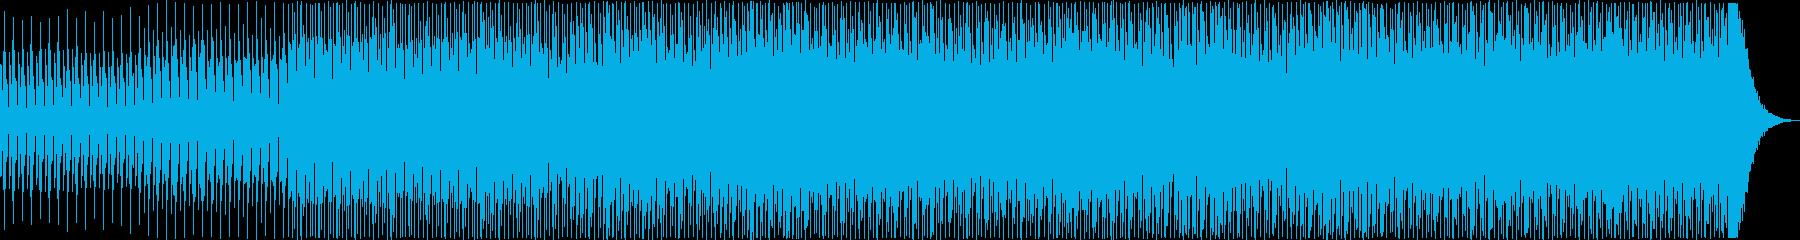 エレクトロニック アクション 技術...の再生済みの波形